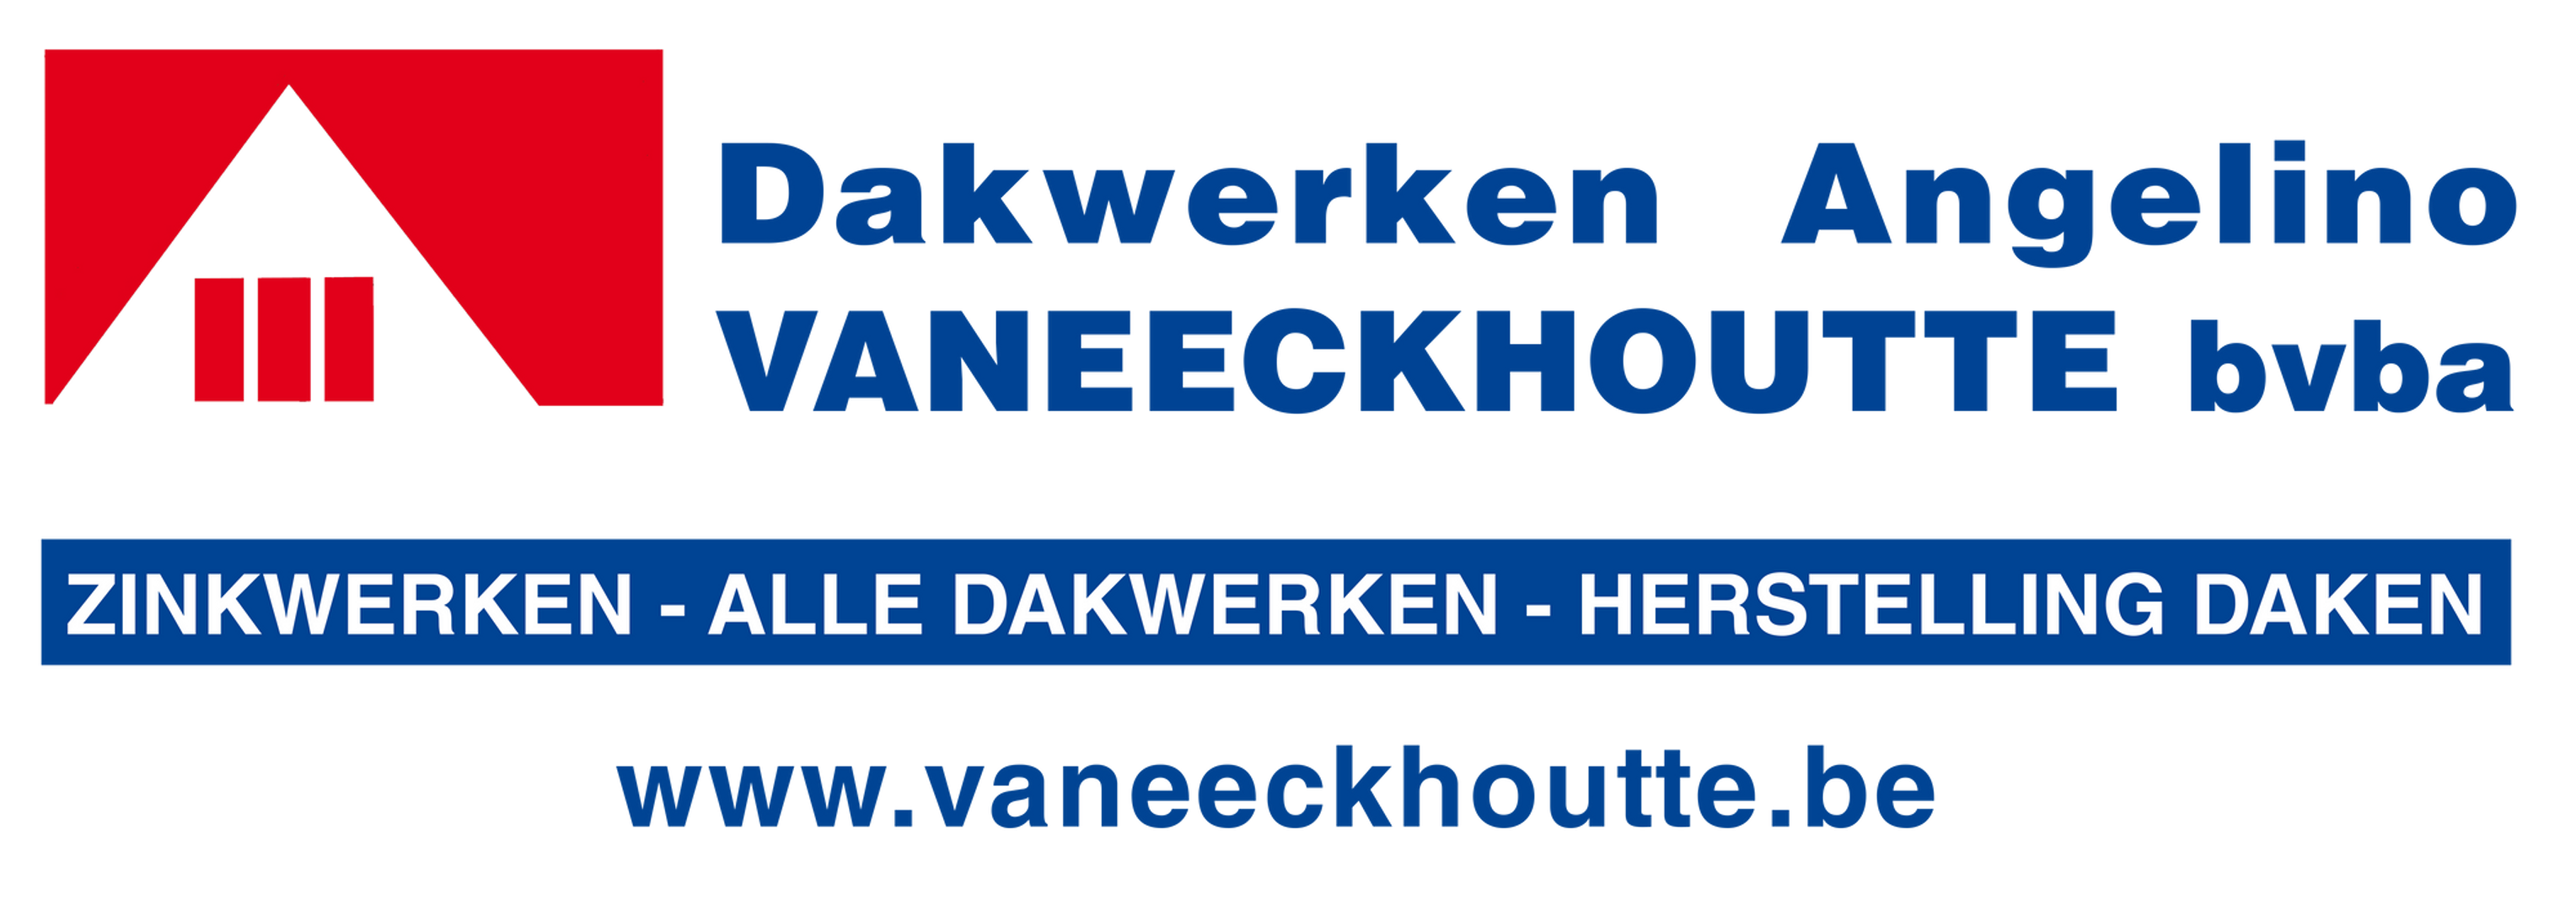 vaneeckhoutte_2019.png